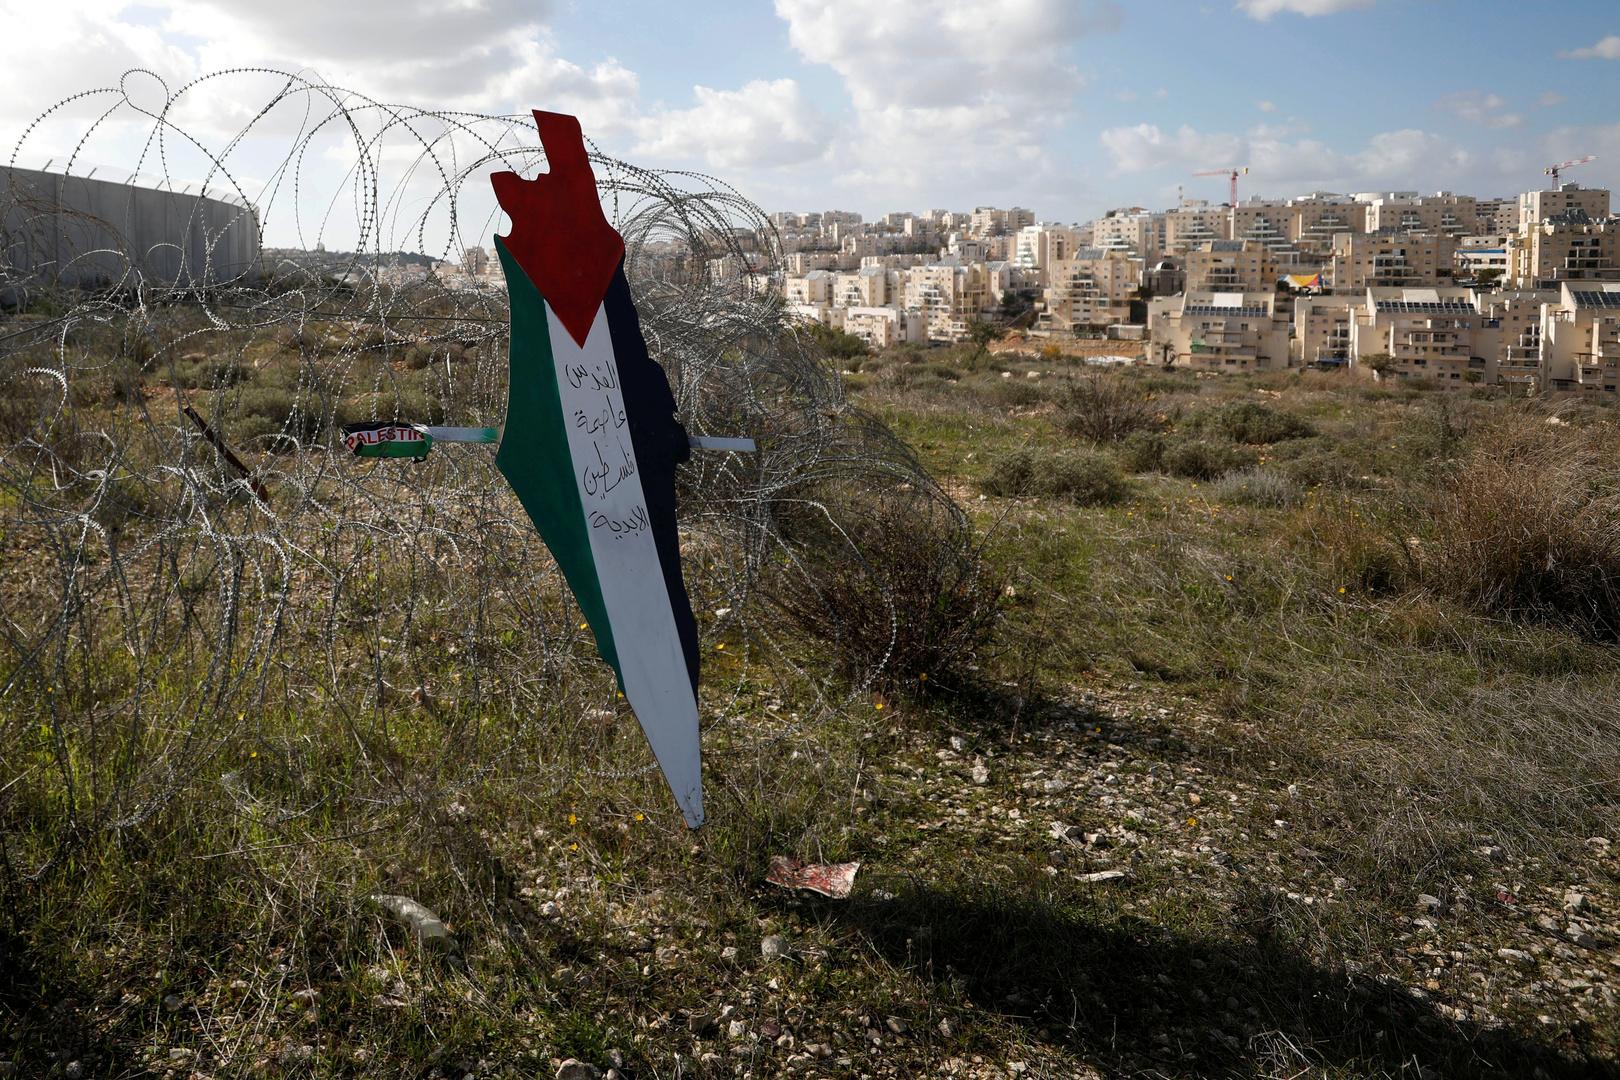 السلطة الفلسطينية تكشف عن حقيقة رفعها شكوى ضد الإمارات في الأمم المتحدة